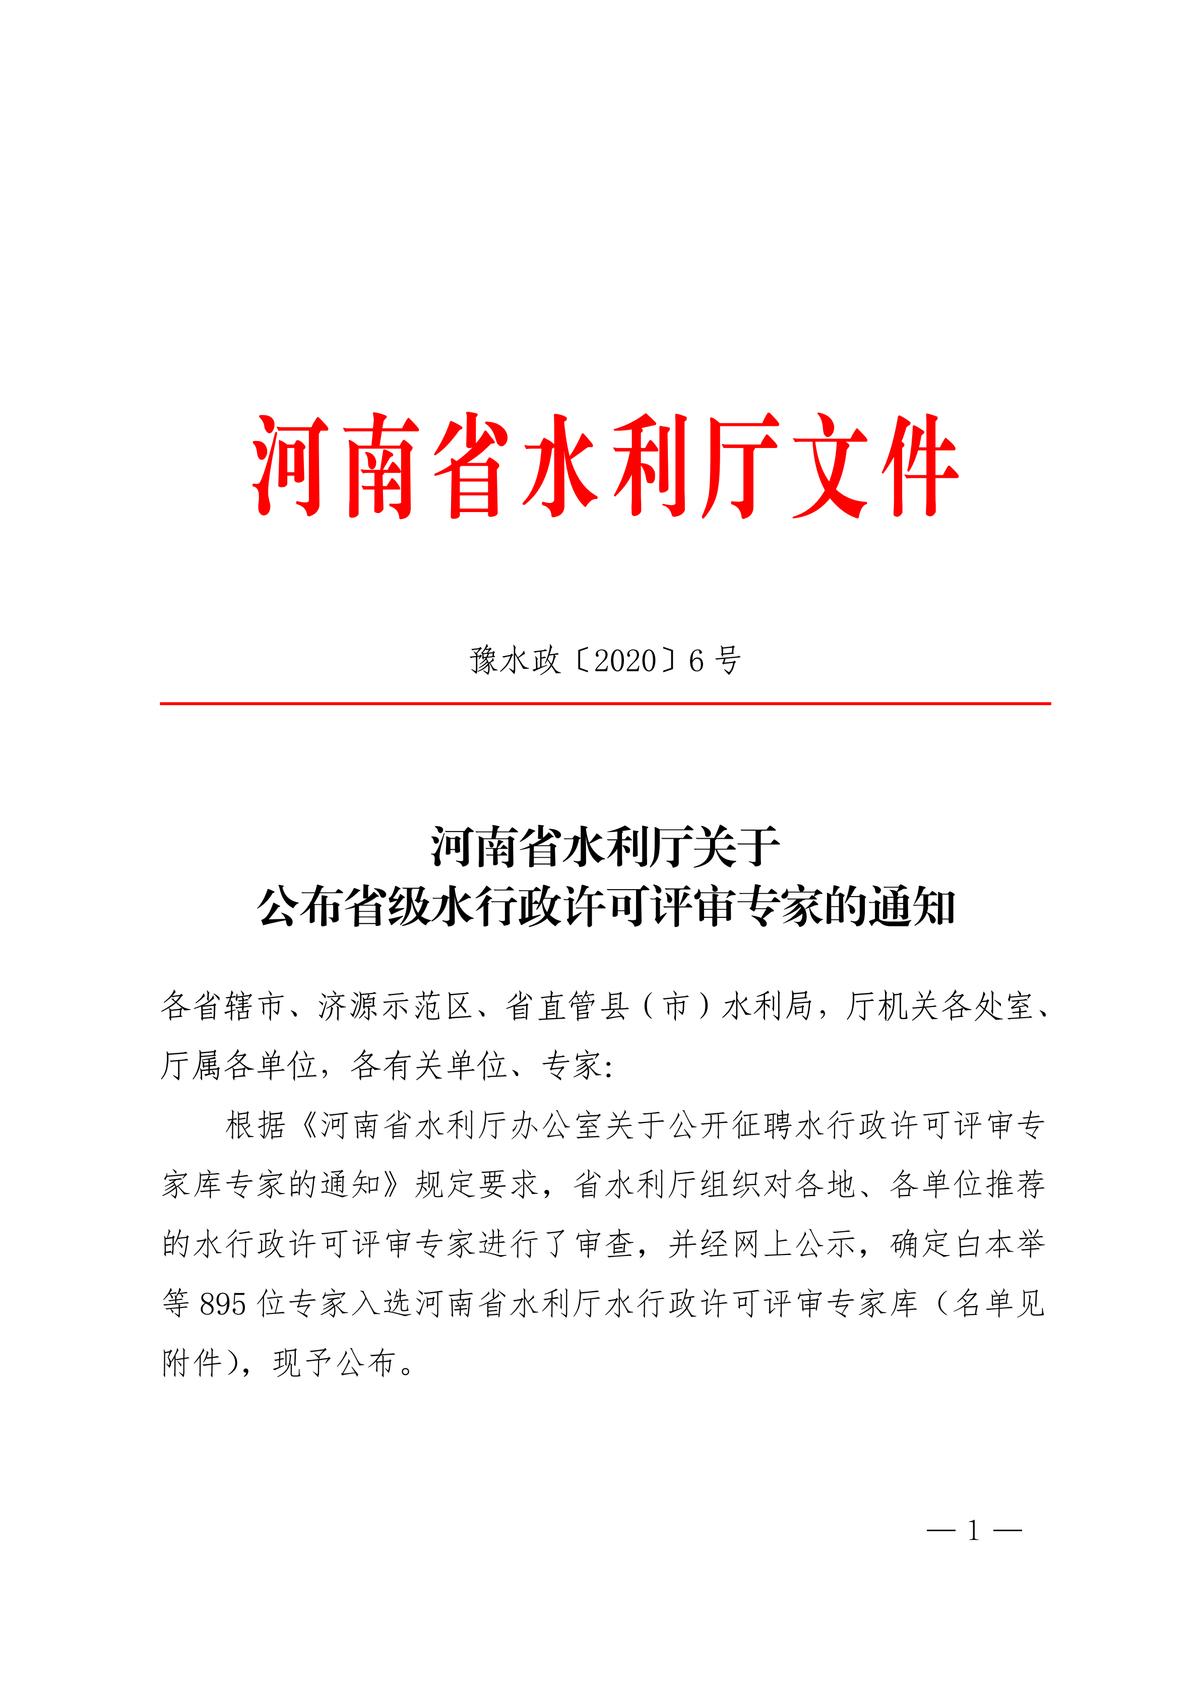 河南省水利厅关于公布省级水行政许可评审专家的通知